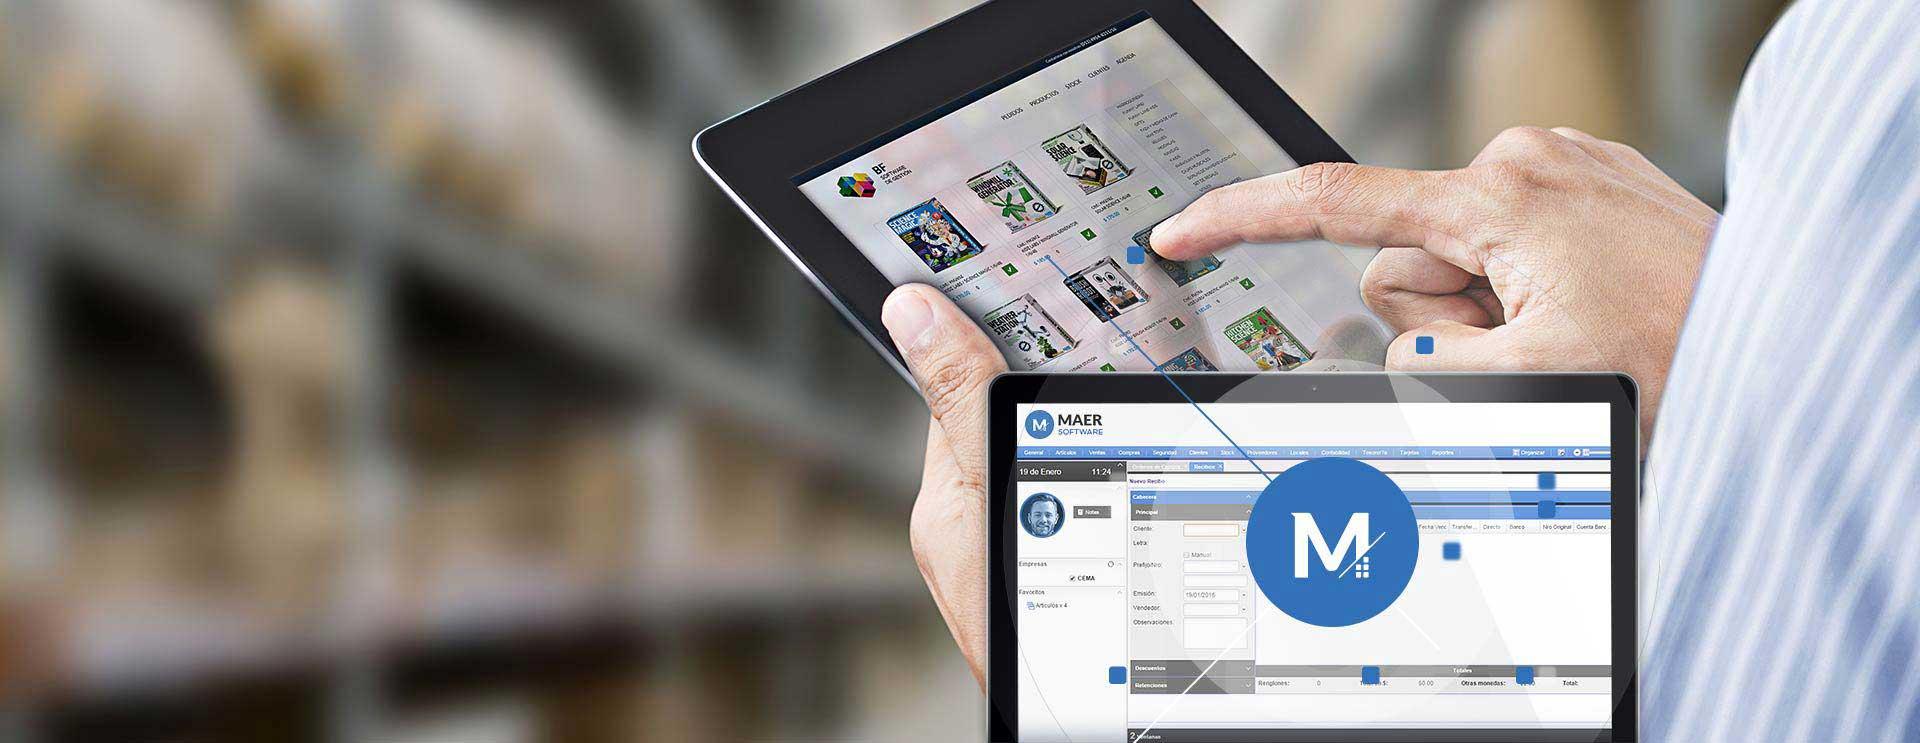 BF Software de Gestión en Tablet